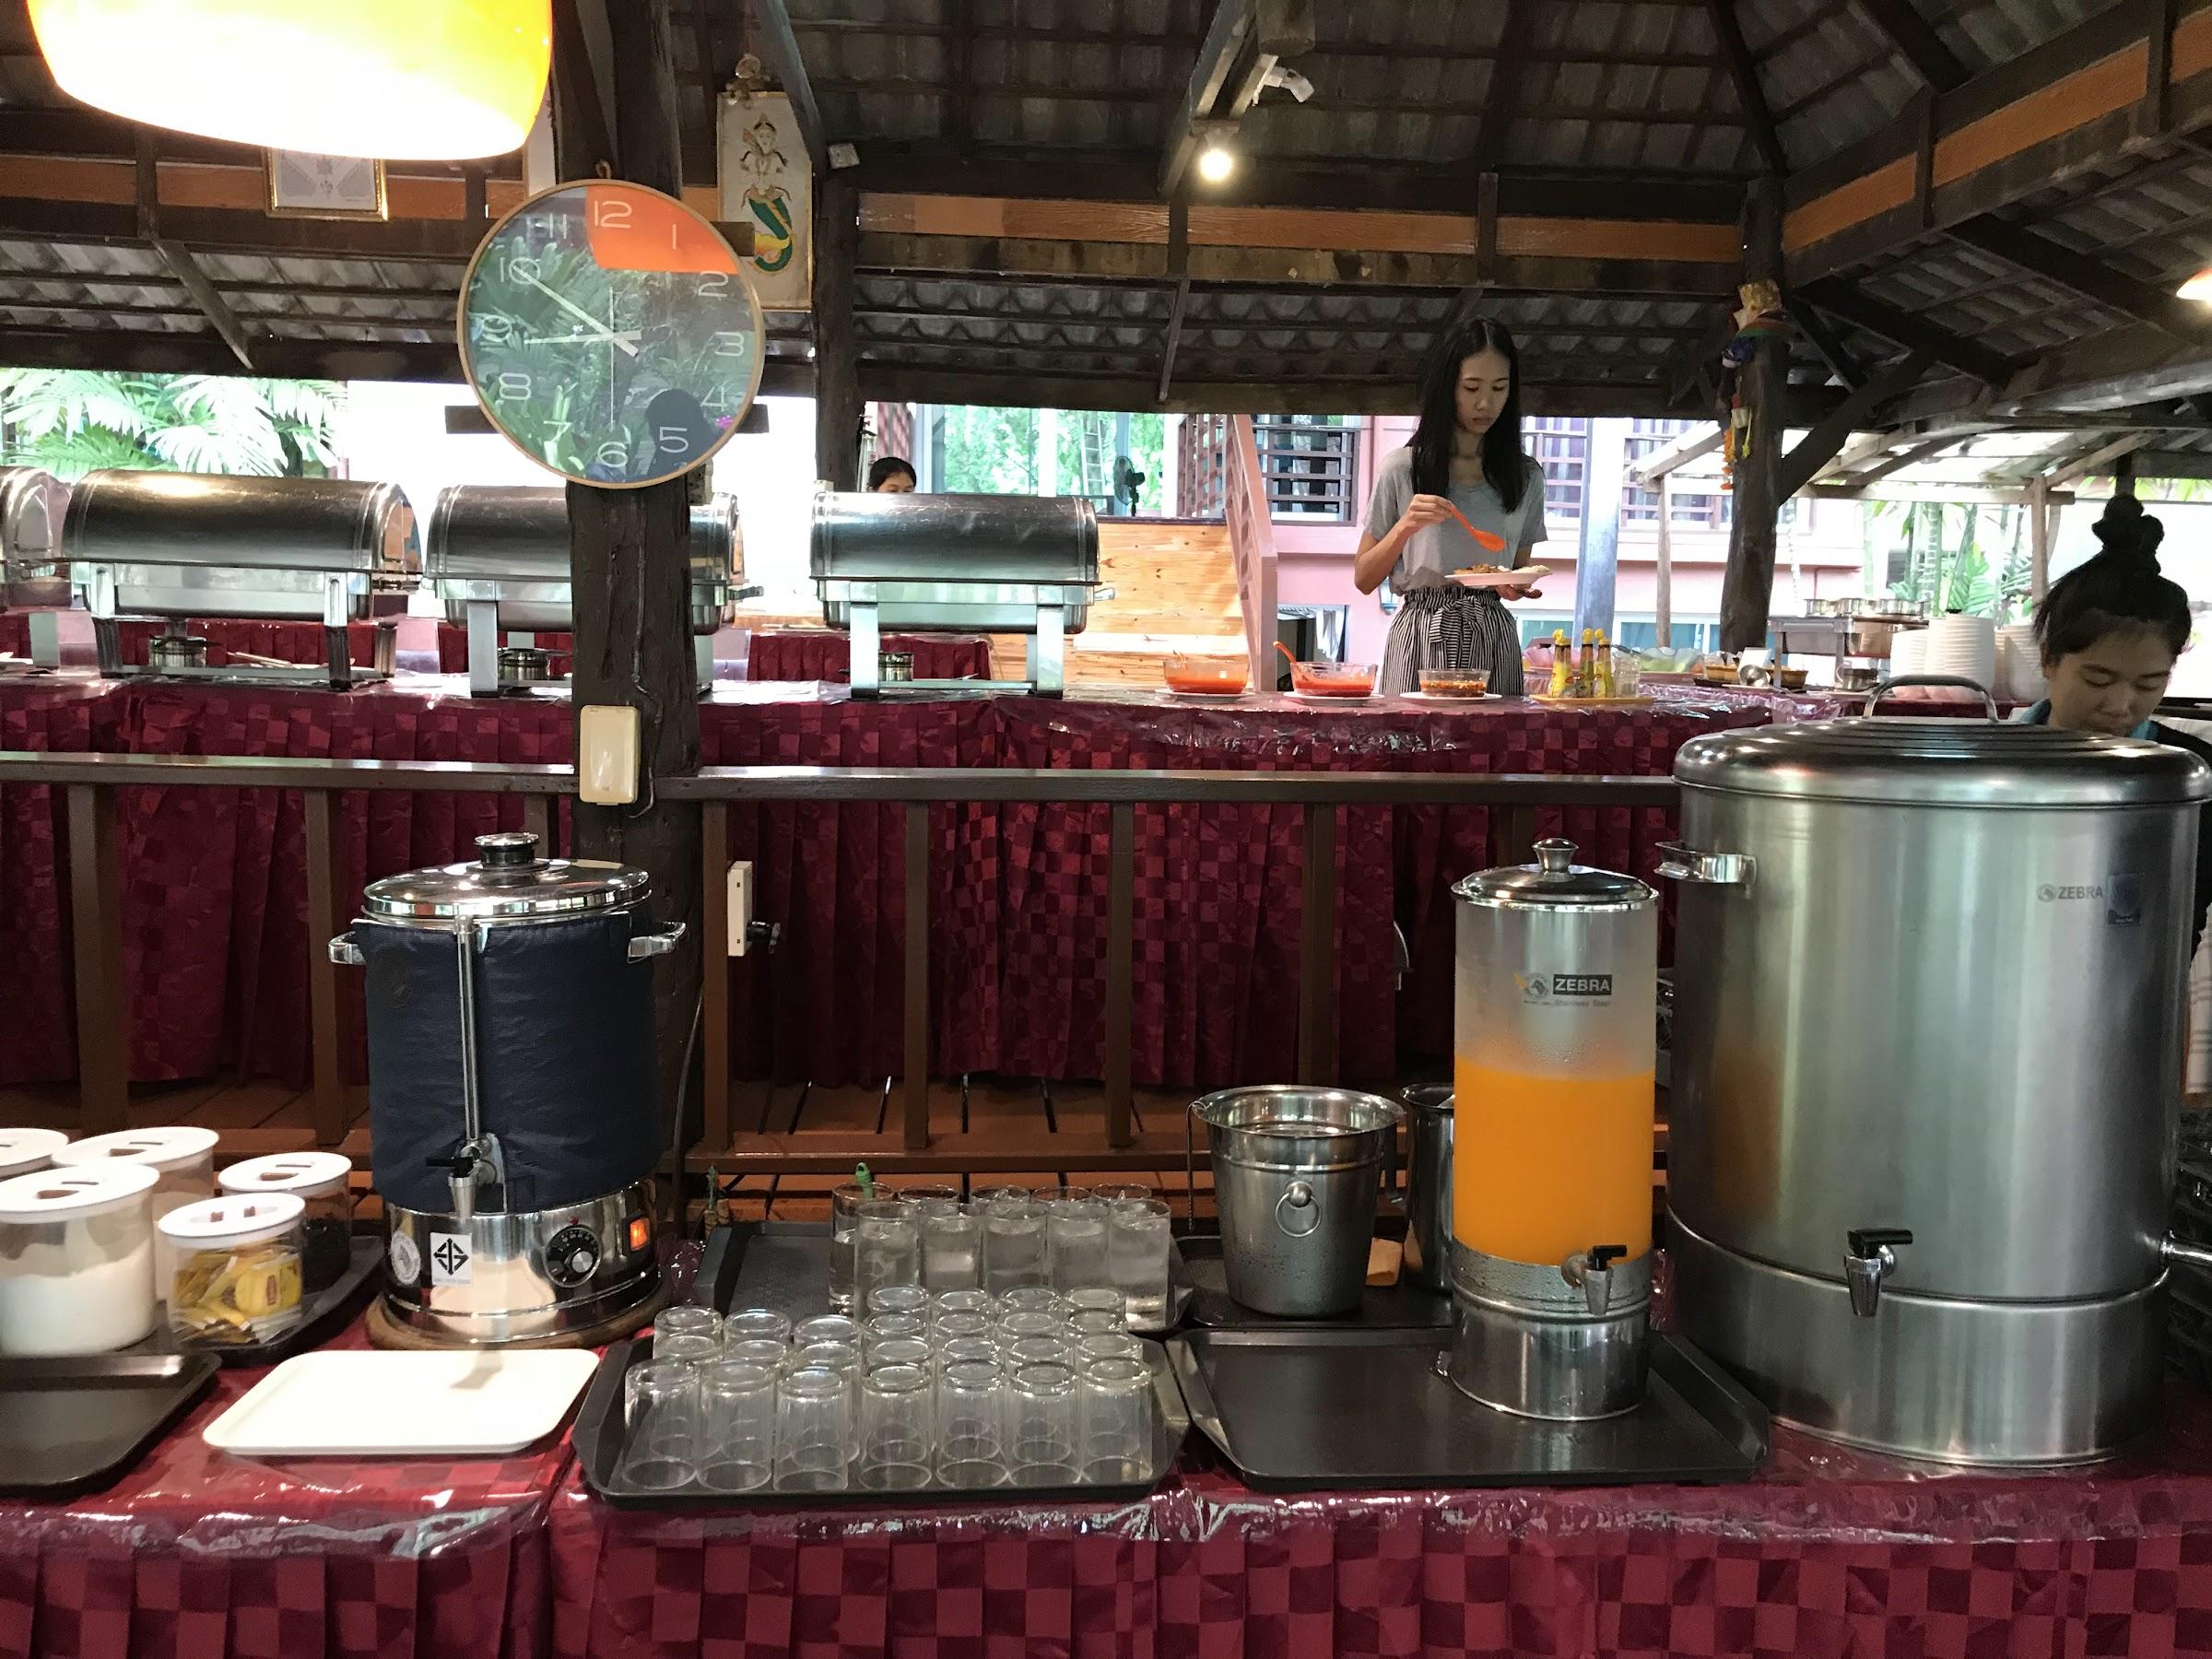 โต๊ะบริการน้ำ ส้ม กาแฟ น้ำเปล่า - อ่าวพร้าว บีช รีสอร์ท